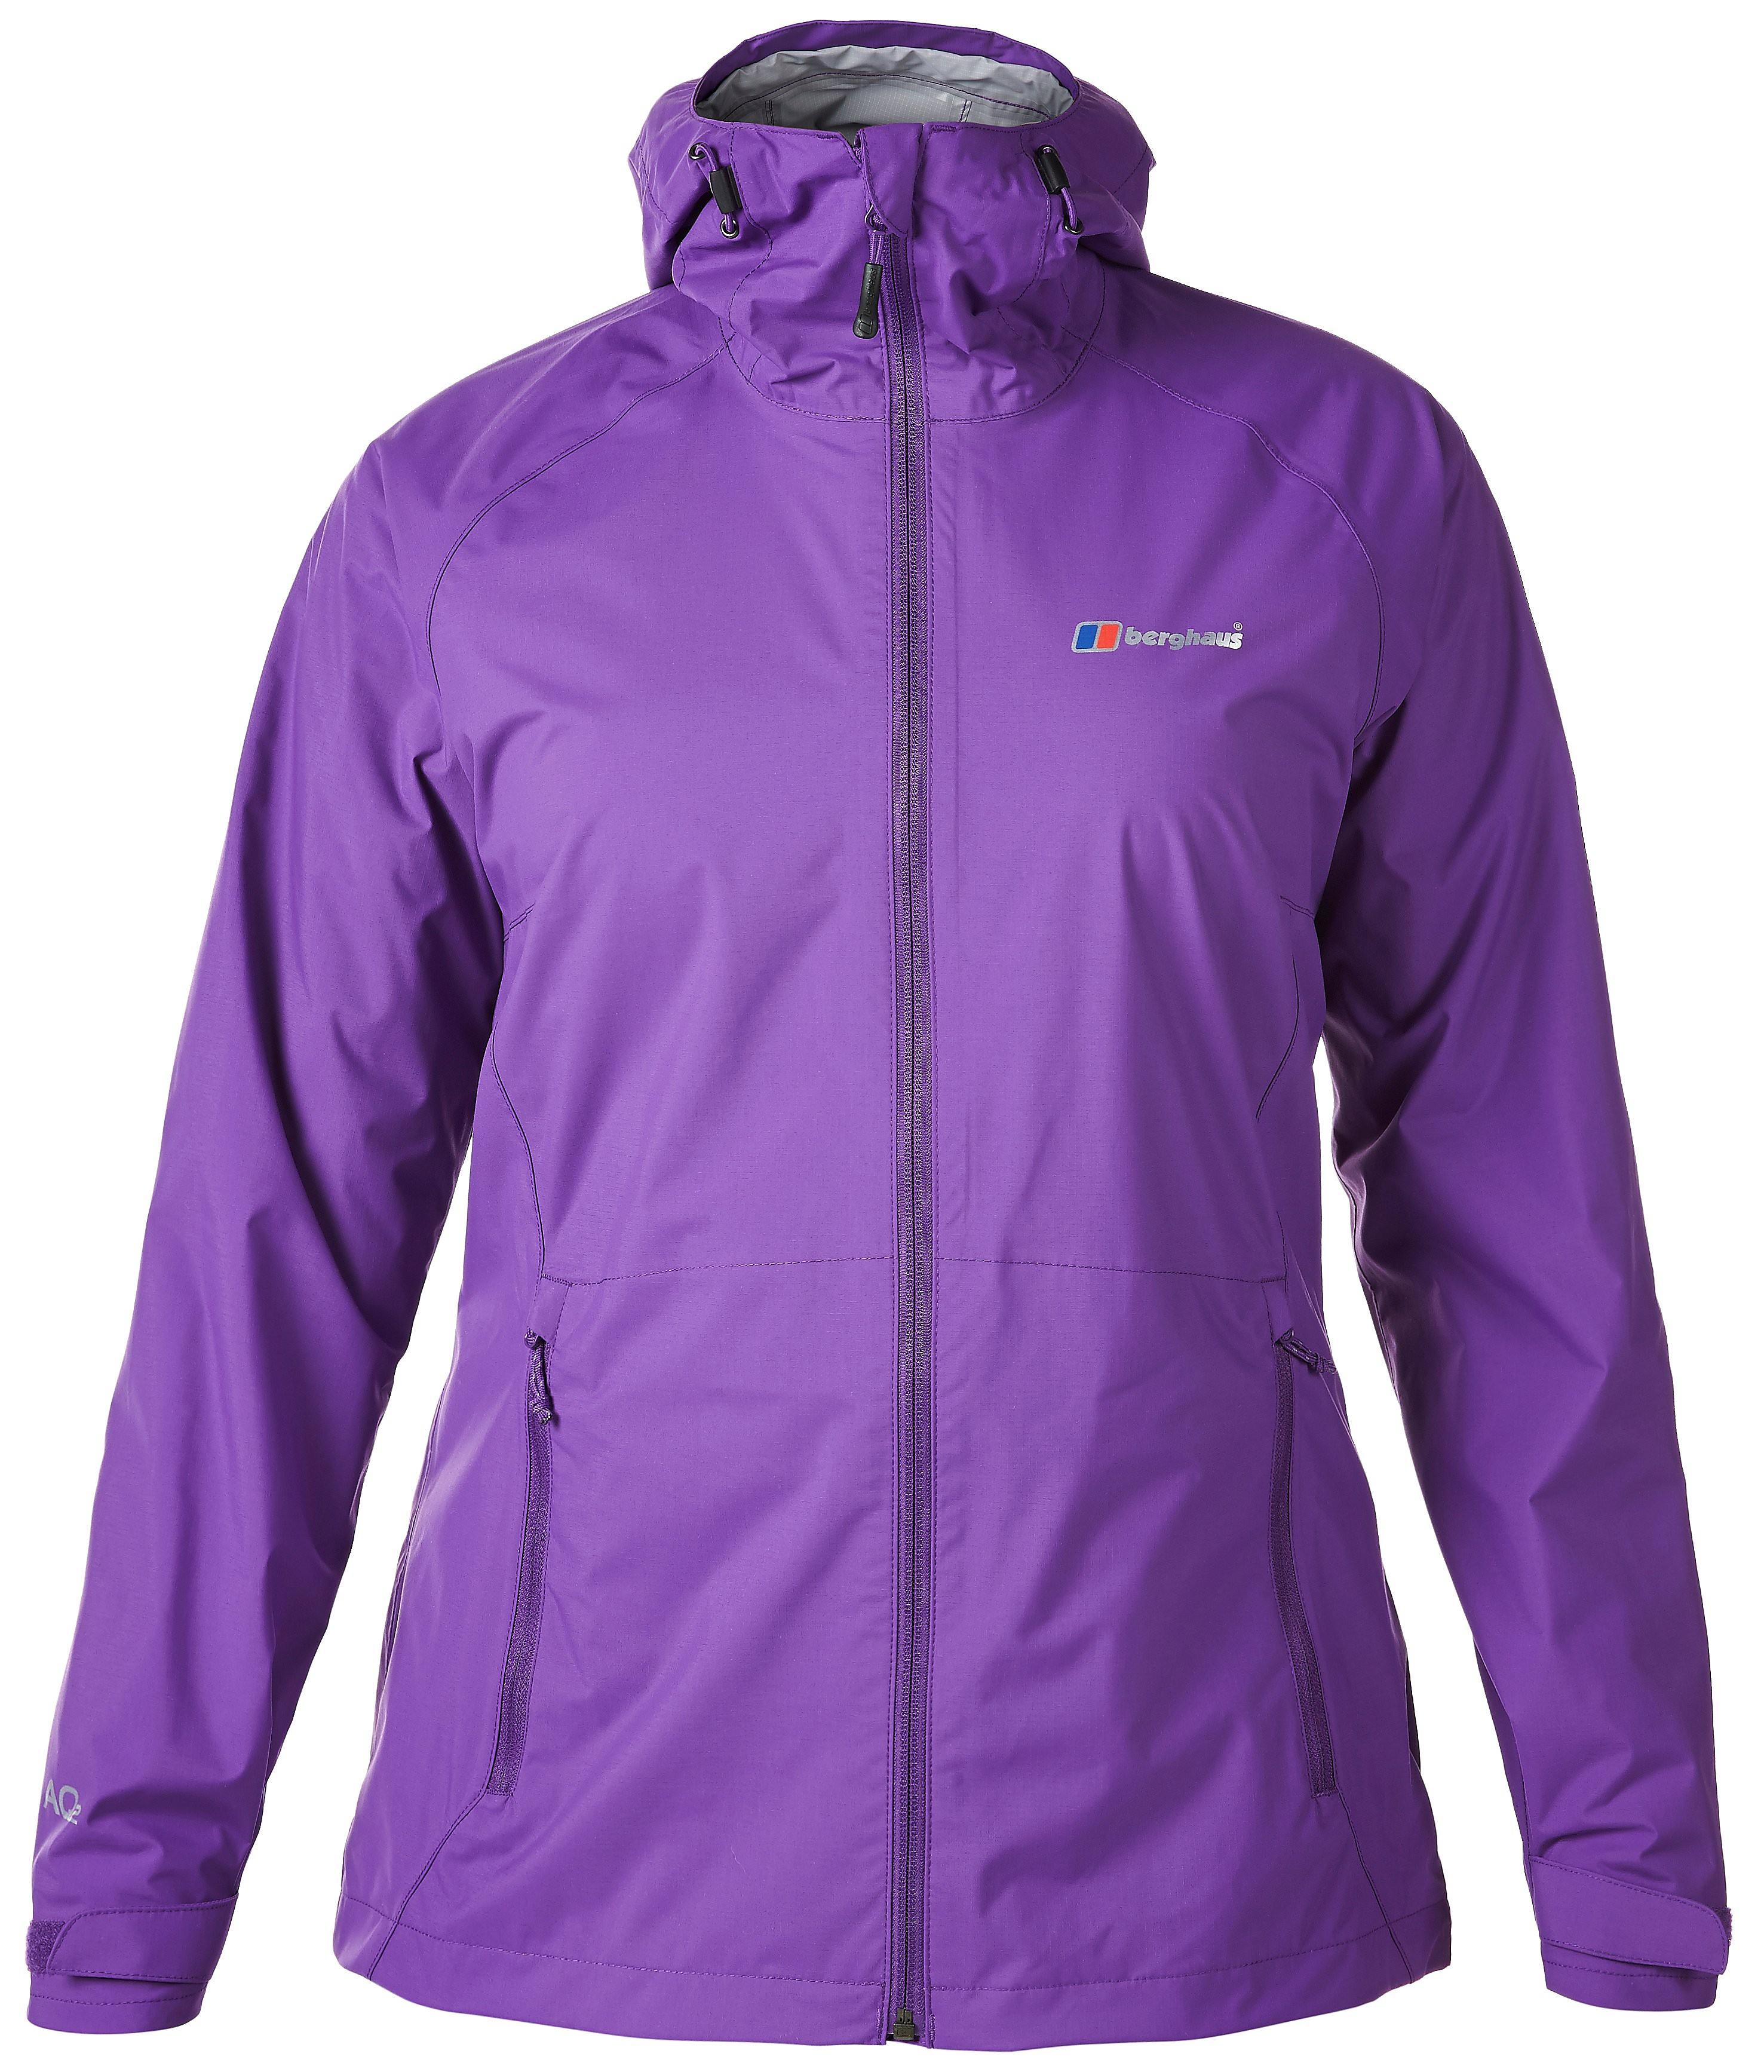 Berghaus Ladies Stormcloud Waterproof Jacket